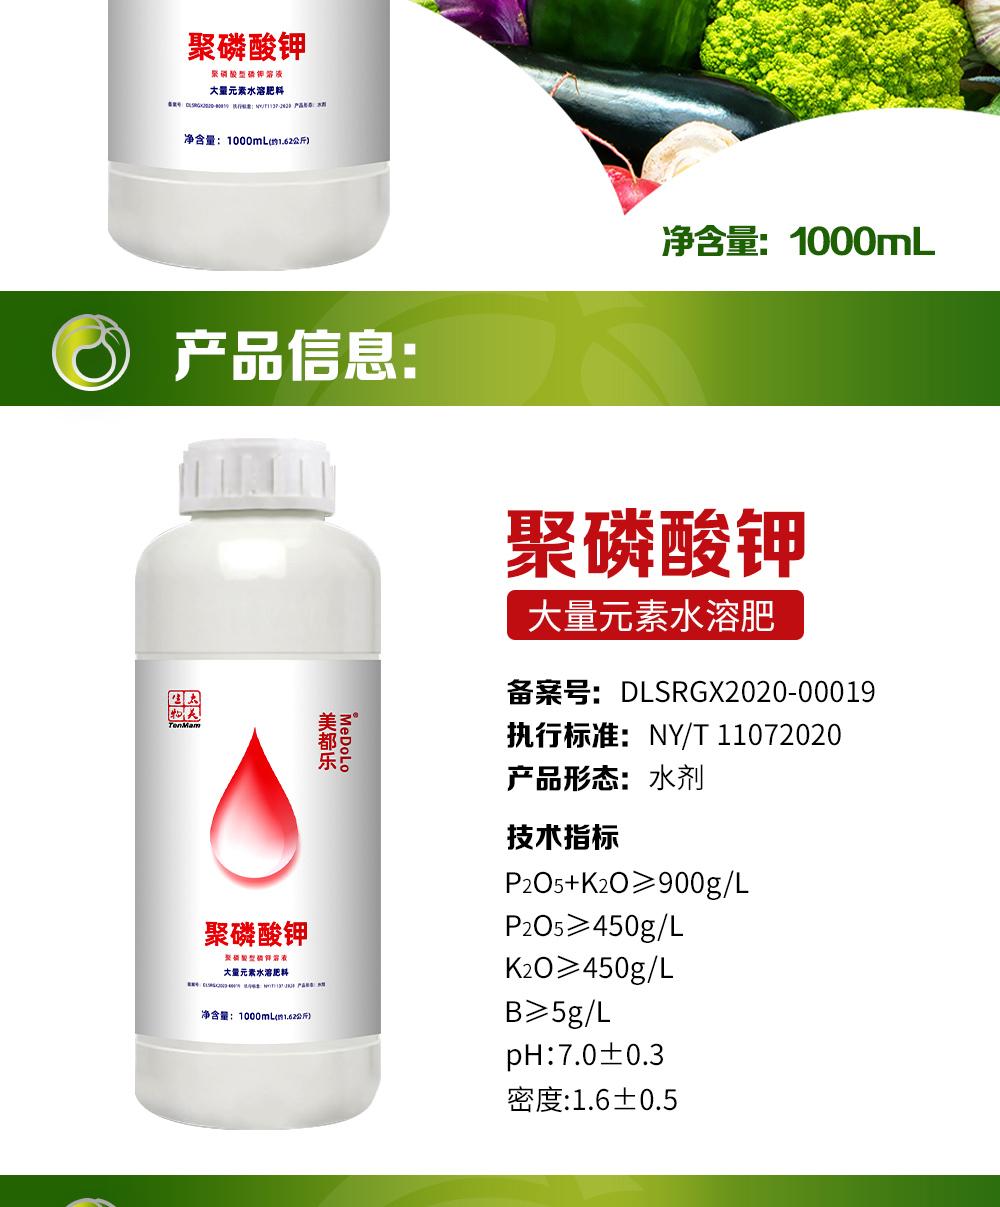 聚磷酸钾商详_02.jpg